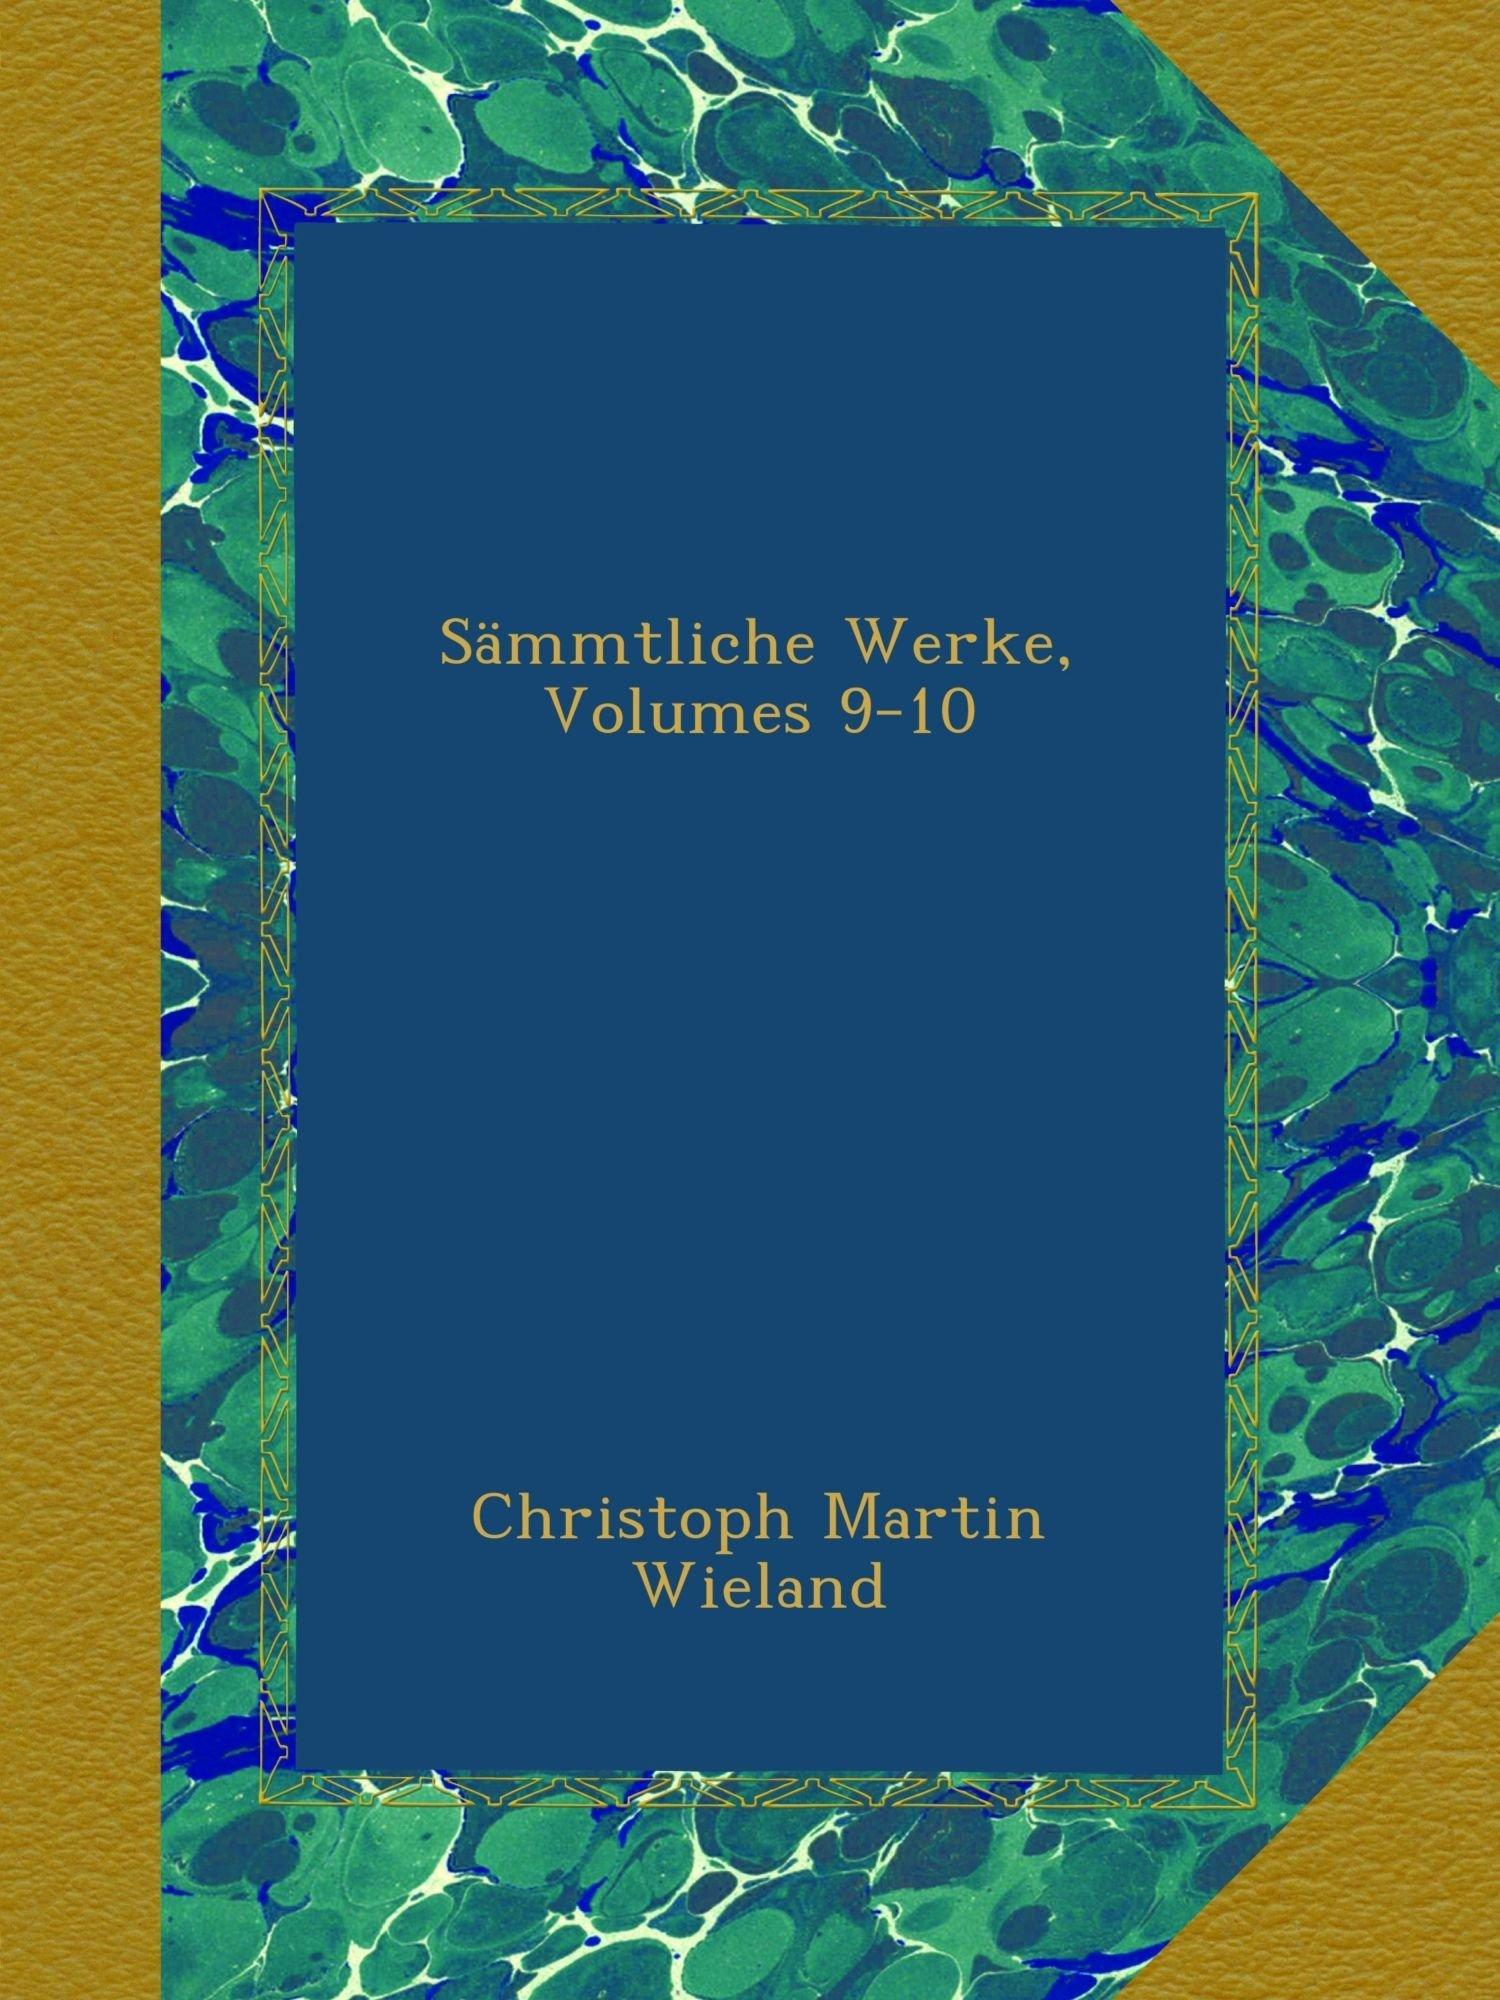 Sämmtliche Werke, Volumes 9-10 (German Edition) pdf